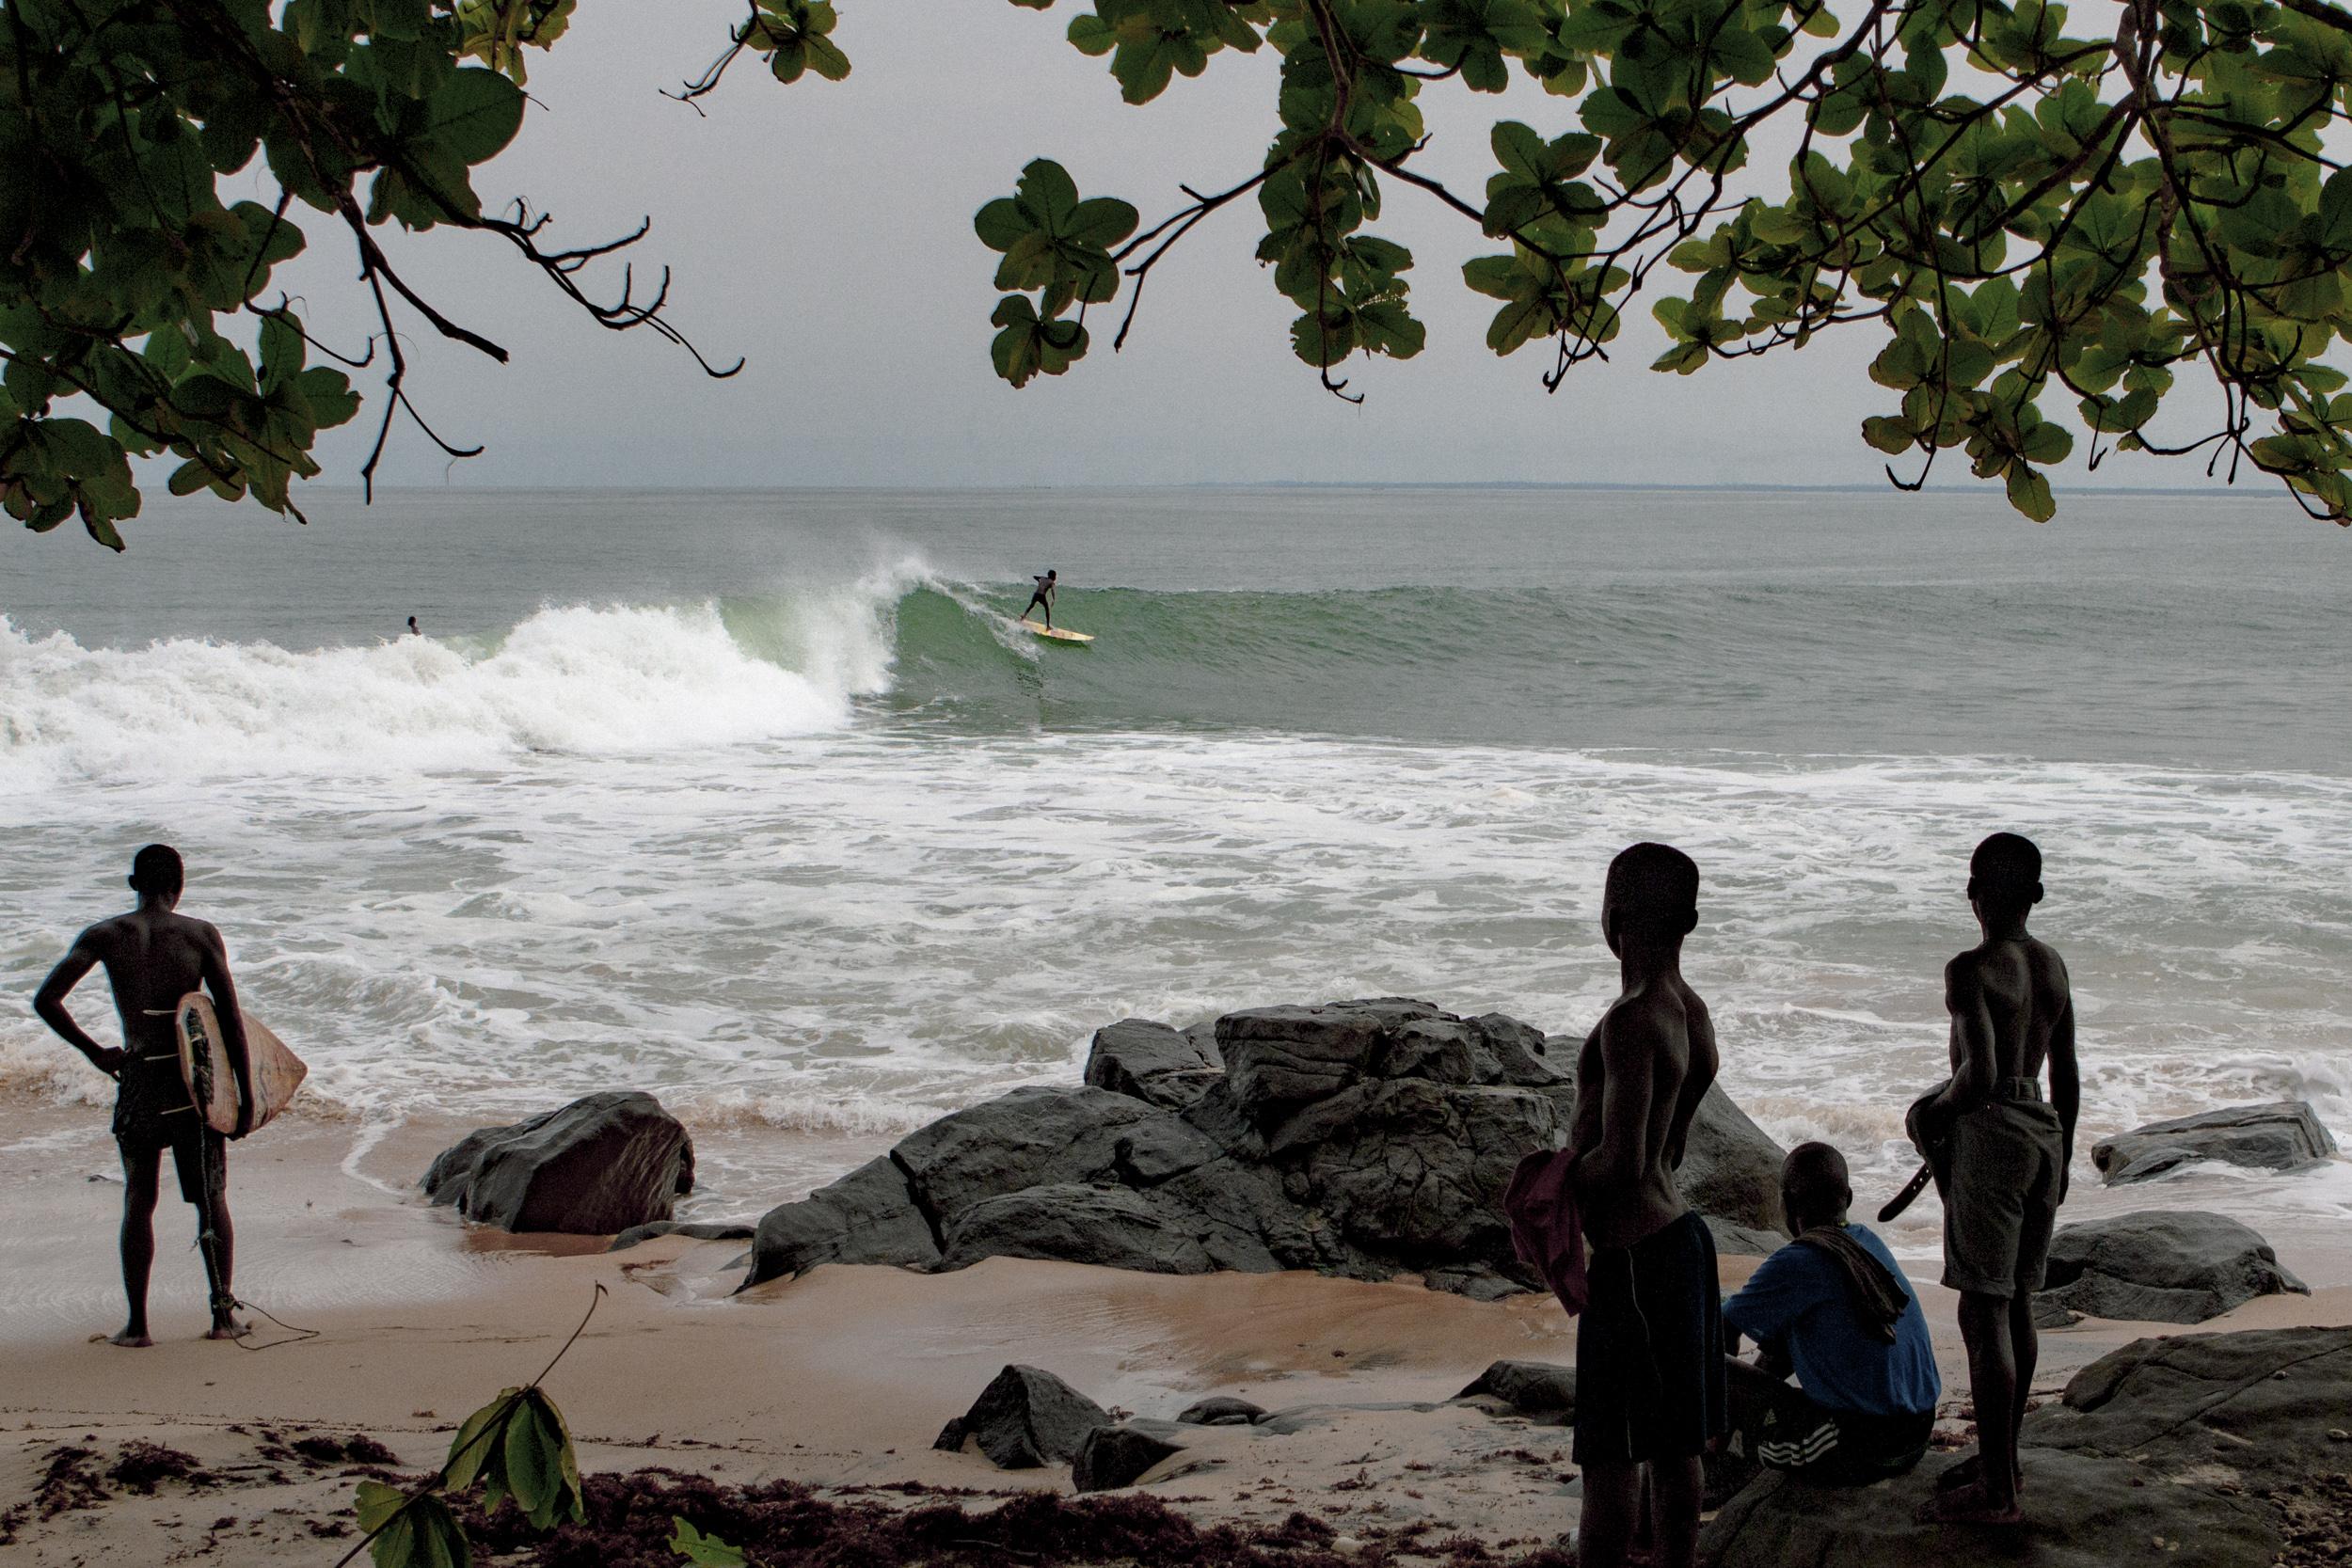 Una película de surf en Liberia con ex niños soldados